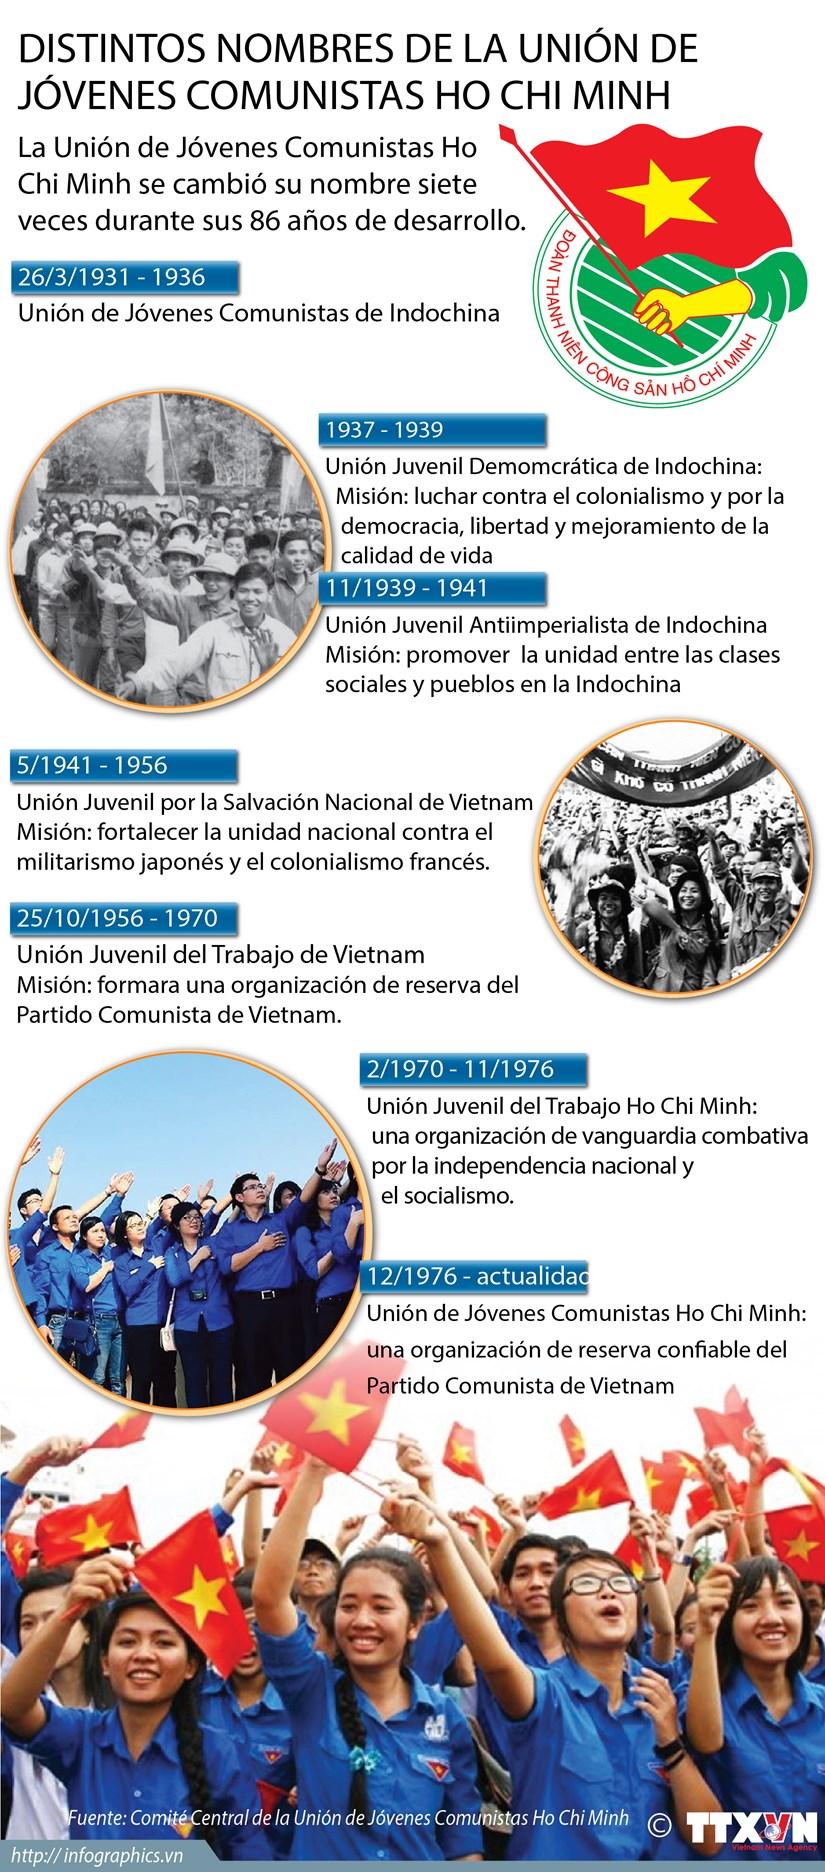 [Infografia] Distintos nombres de la Union de Jovenes Comunistas Ho Chi Minh hinh anh 1